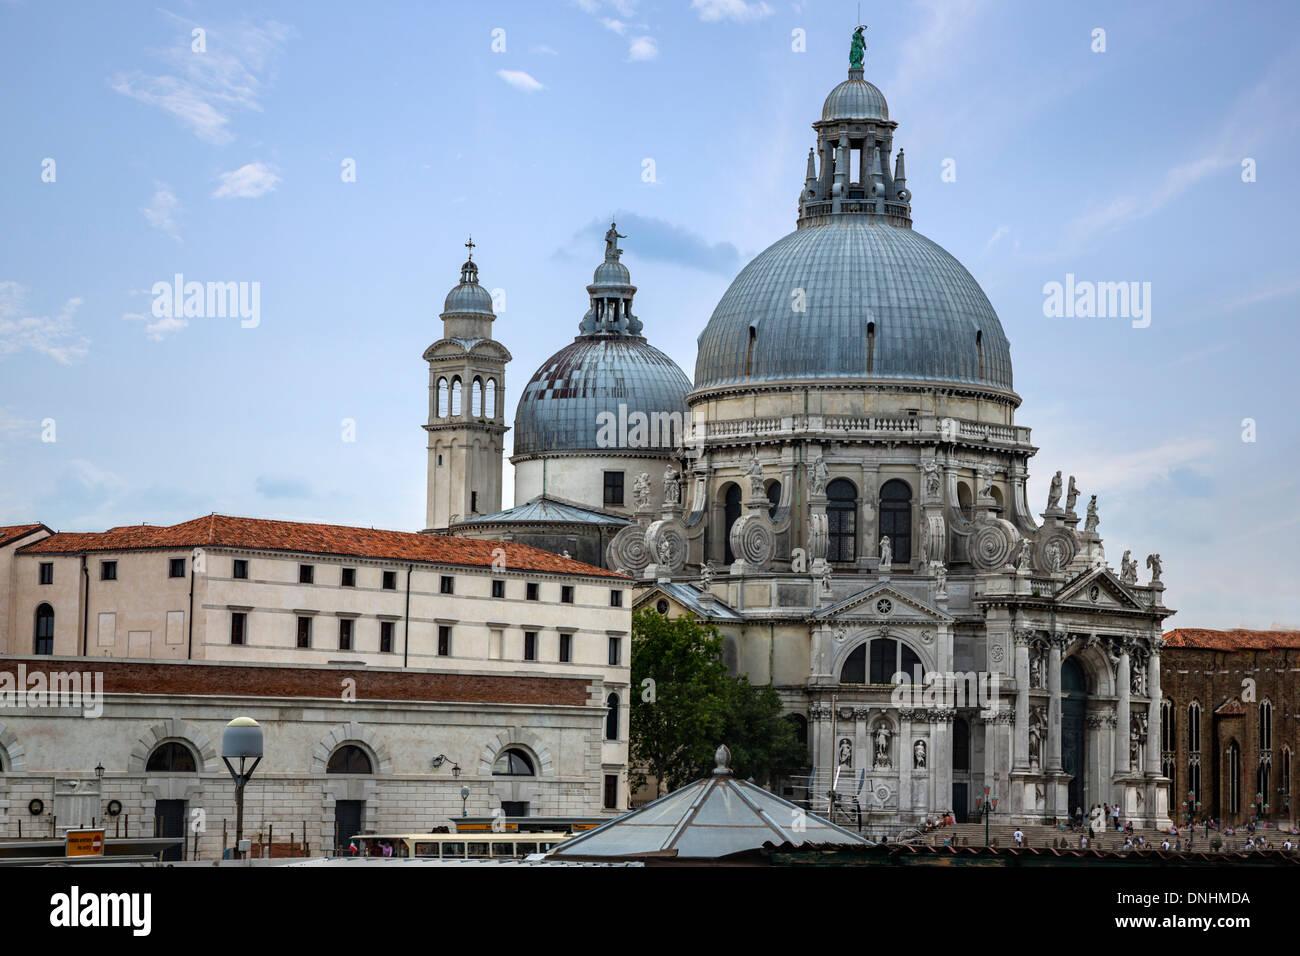 Dans une ville, l'église Santa Maria della Salute, Venise, Vénétie, Italie Banque D'Images